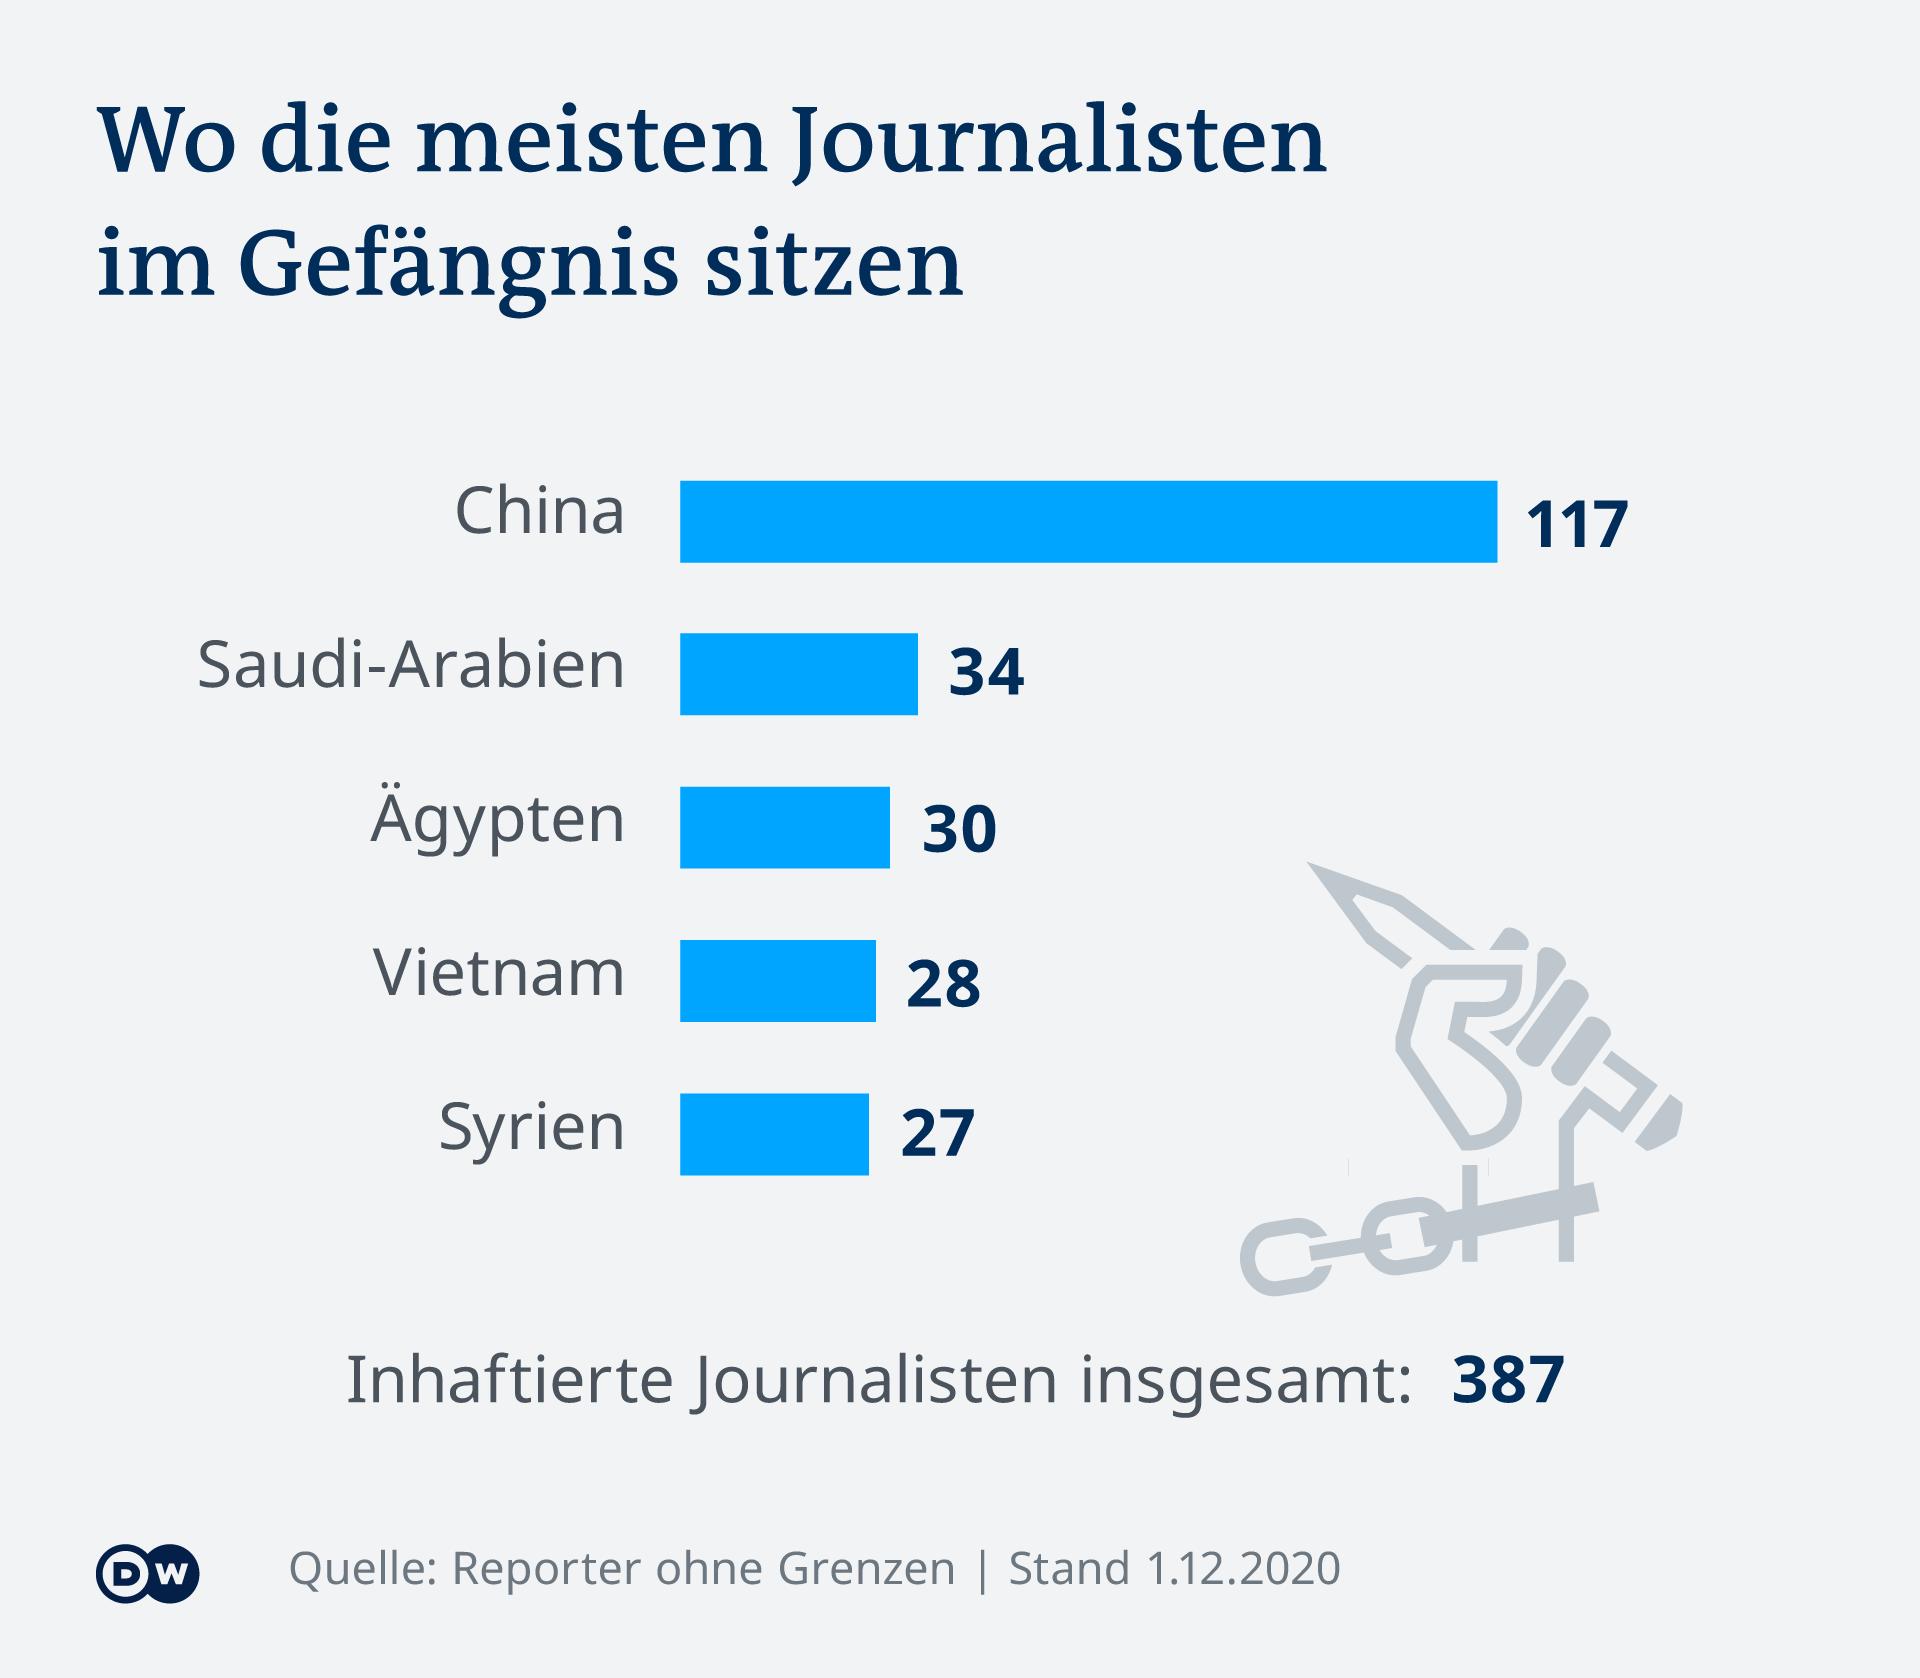 Najveći broj zatvorenih novinara je u Kini, Saudijskoj Arabiji, Egiptu, Vijetnamu i Siriji